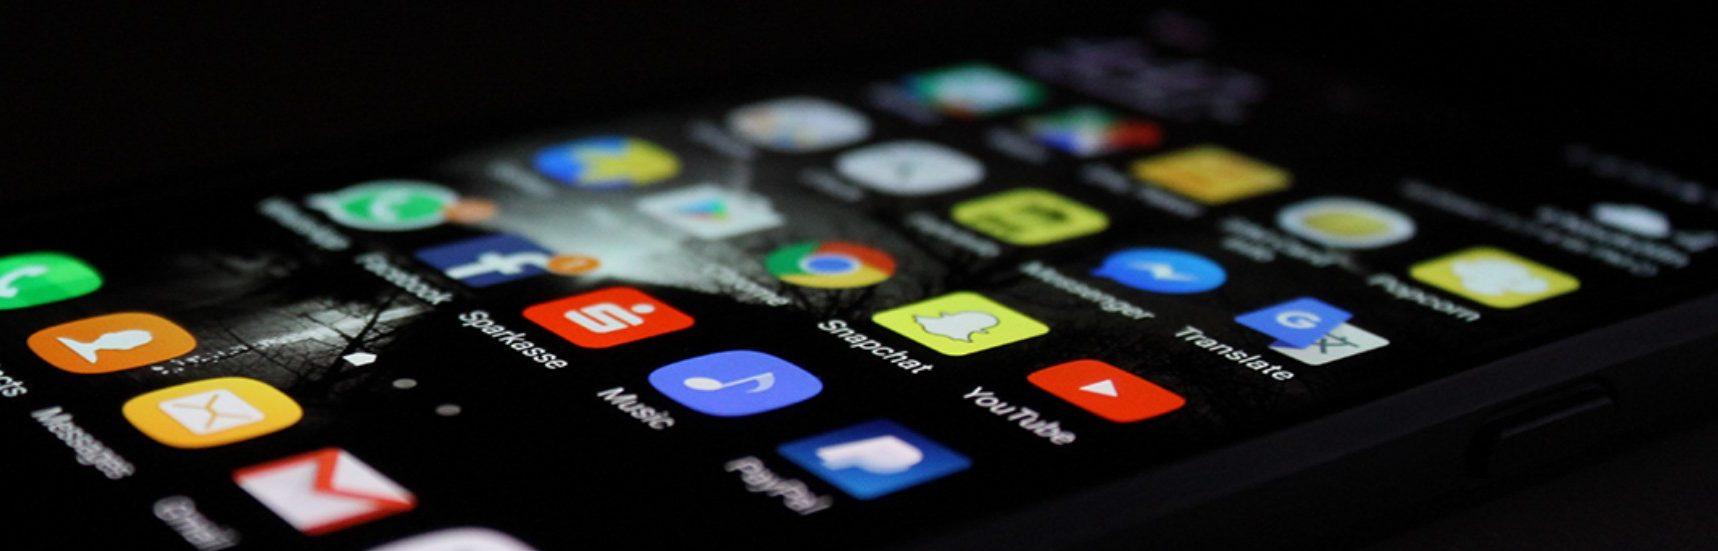 Vývoj webových a mobilních komunikačních aplikací pro EU agenturu z italského Turína